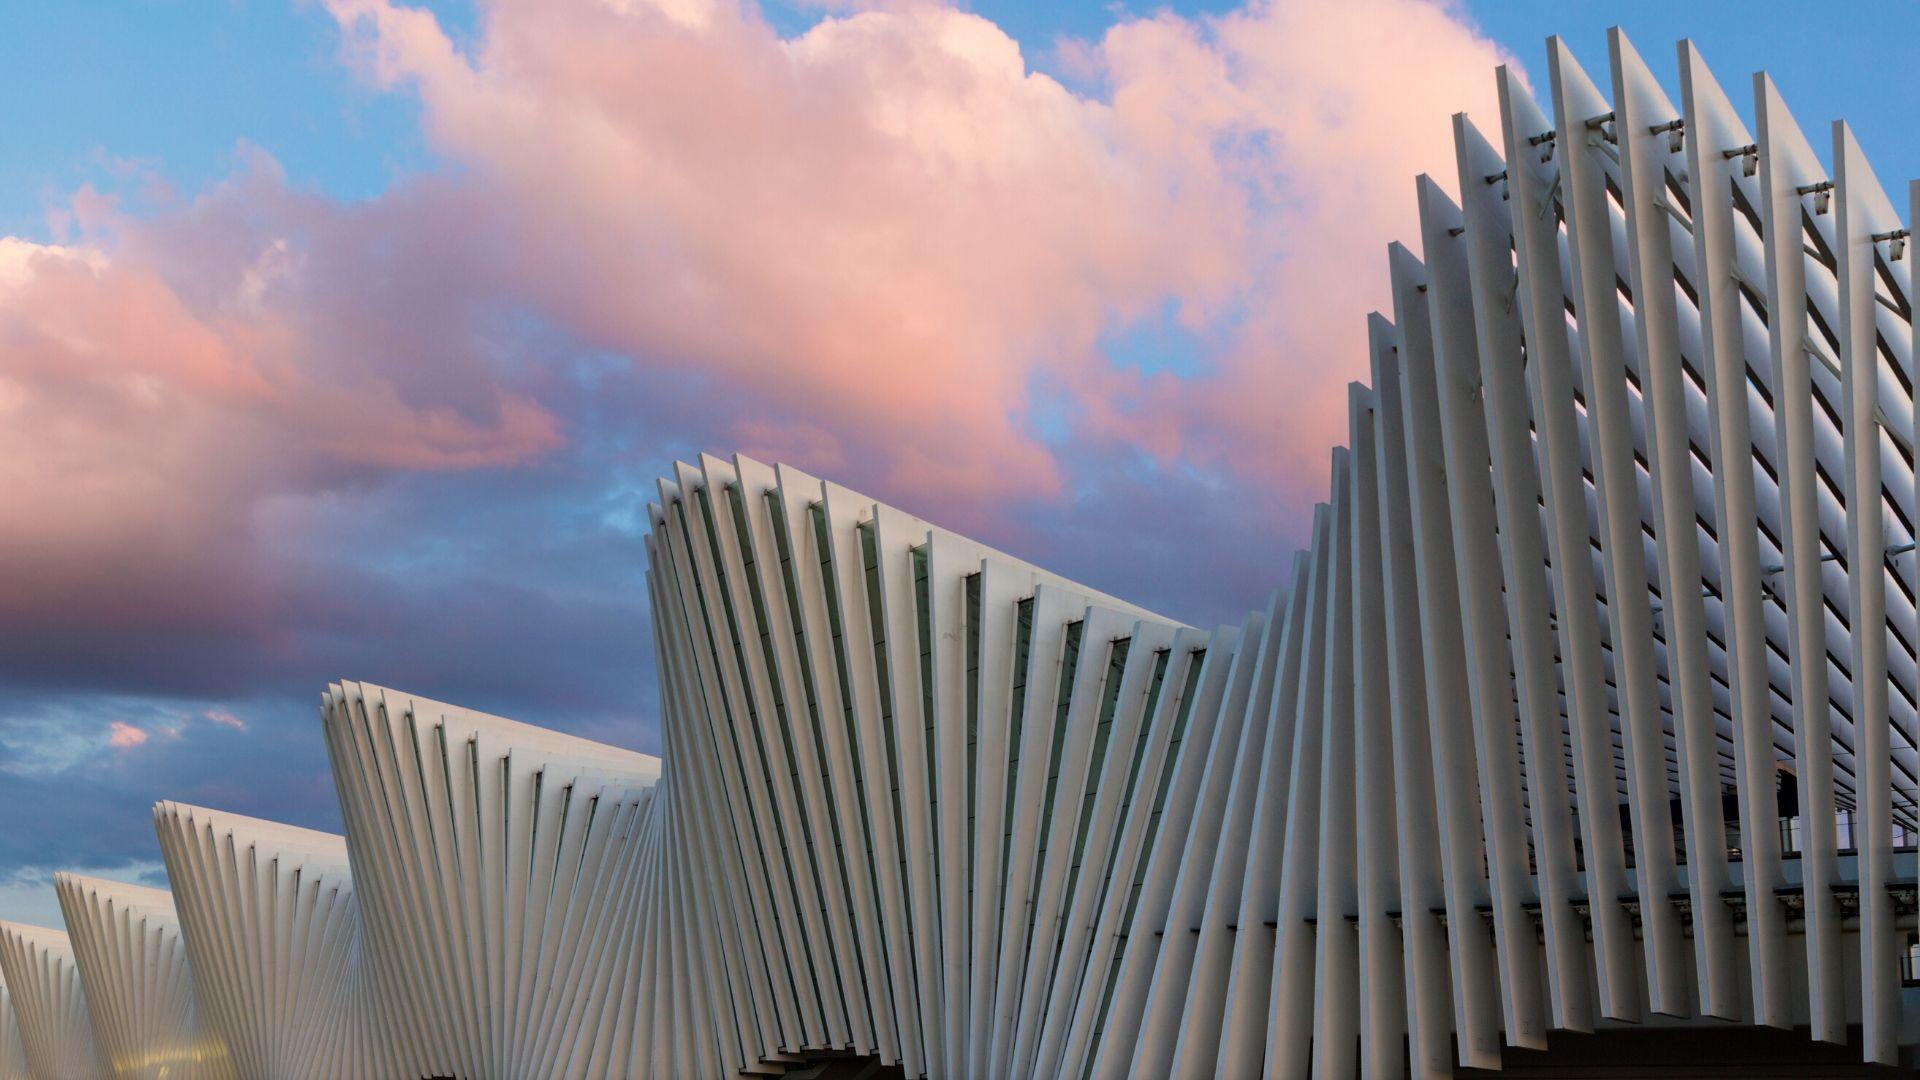 Lavorare In Qatar Architetto i migliori architetti della storia: da calatrava a niemeyer